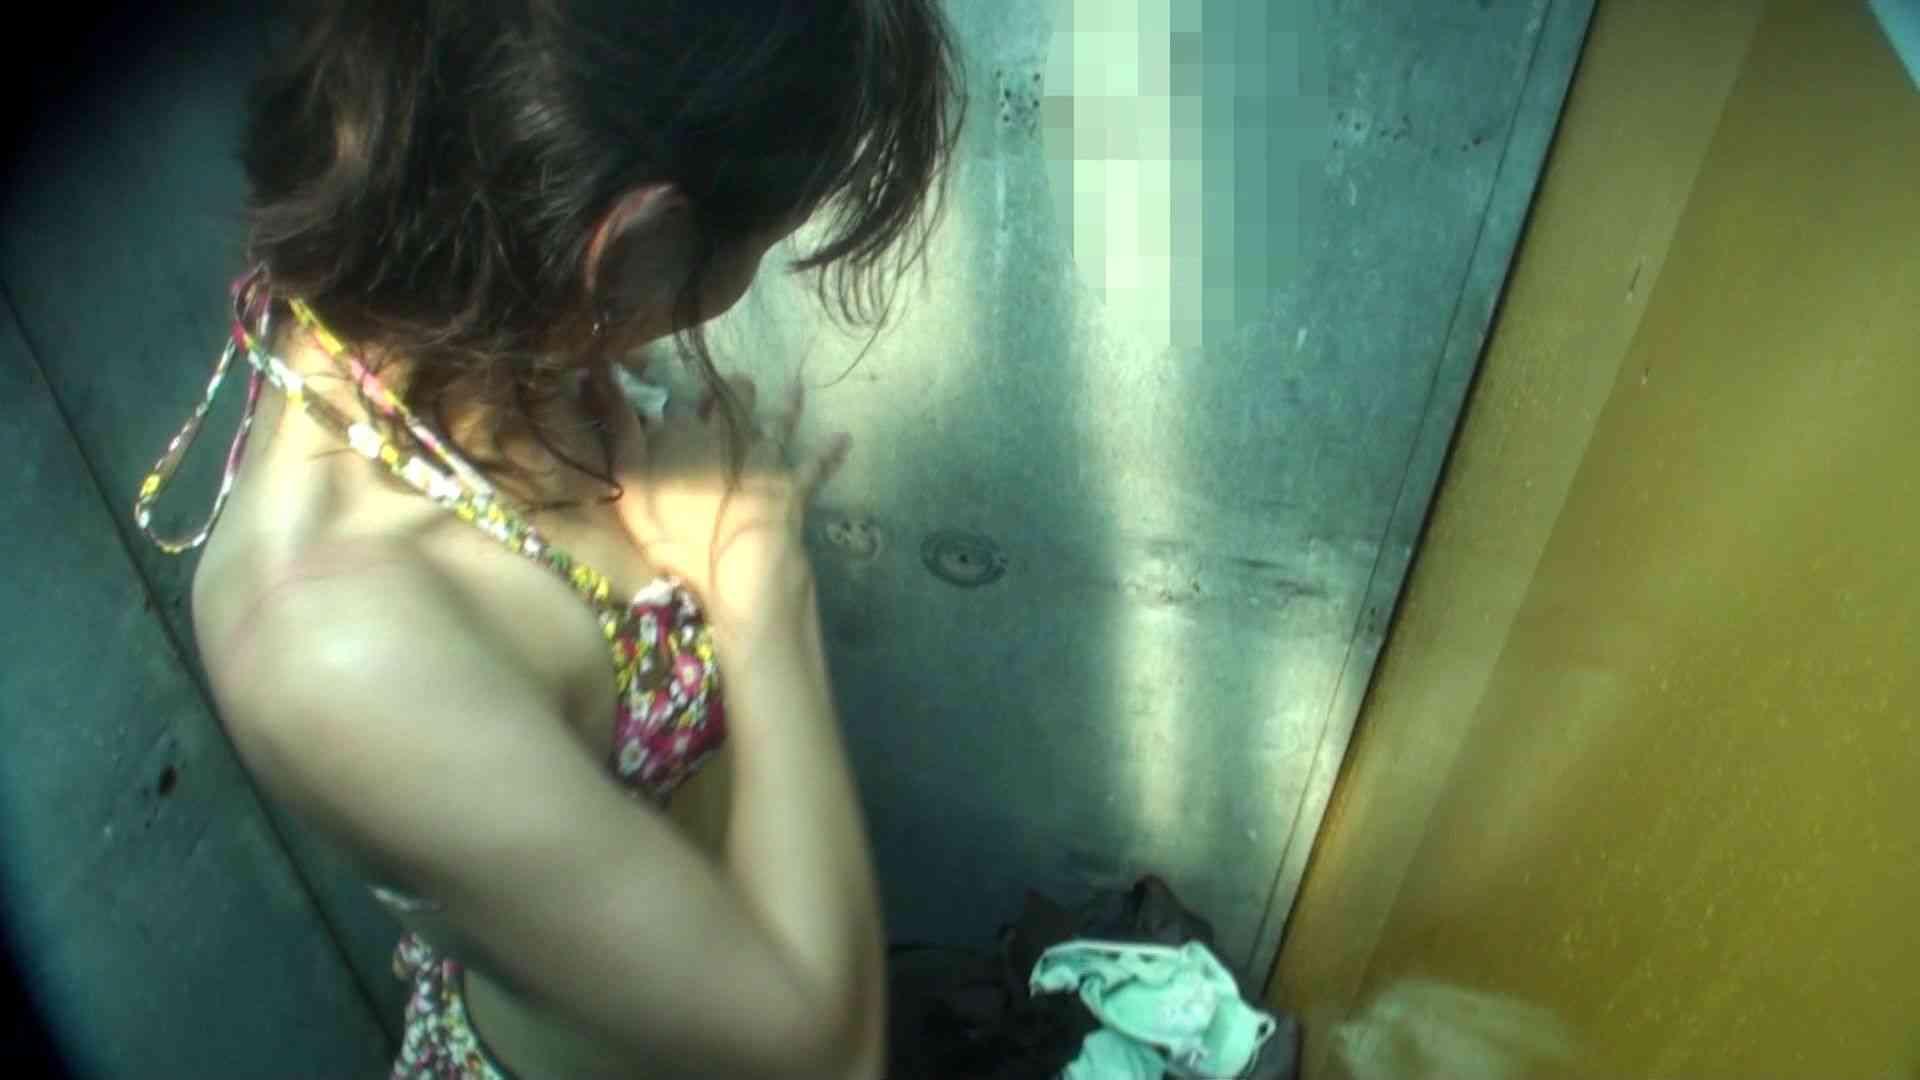 シャワールームは超!!危険な香りVol.16 意外に乳首は年増のそれ 高画質 覗きスケベ動画紹介 108画像 46